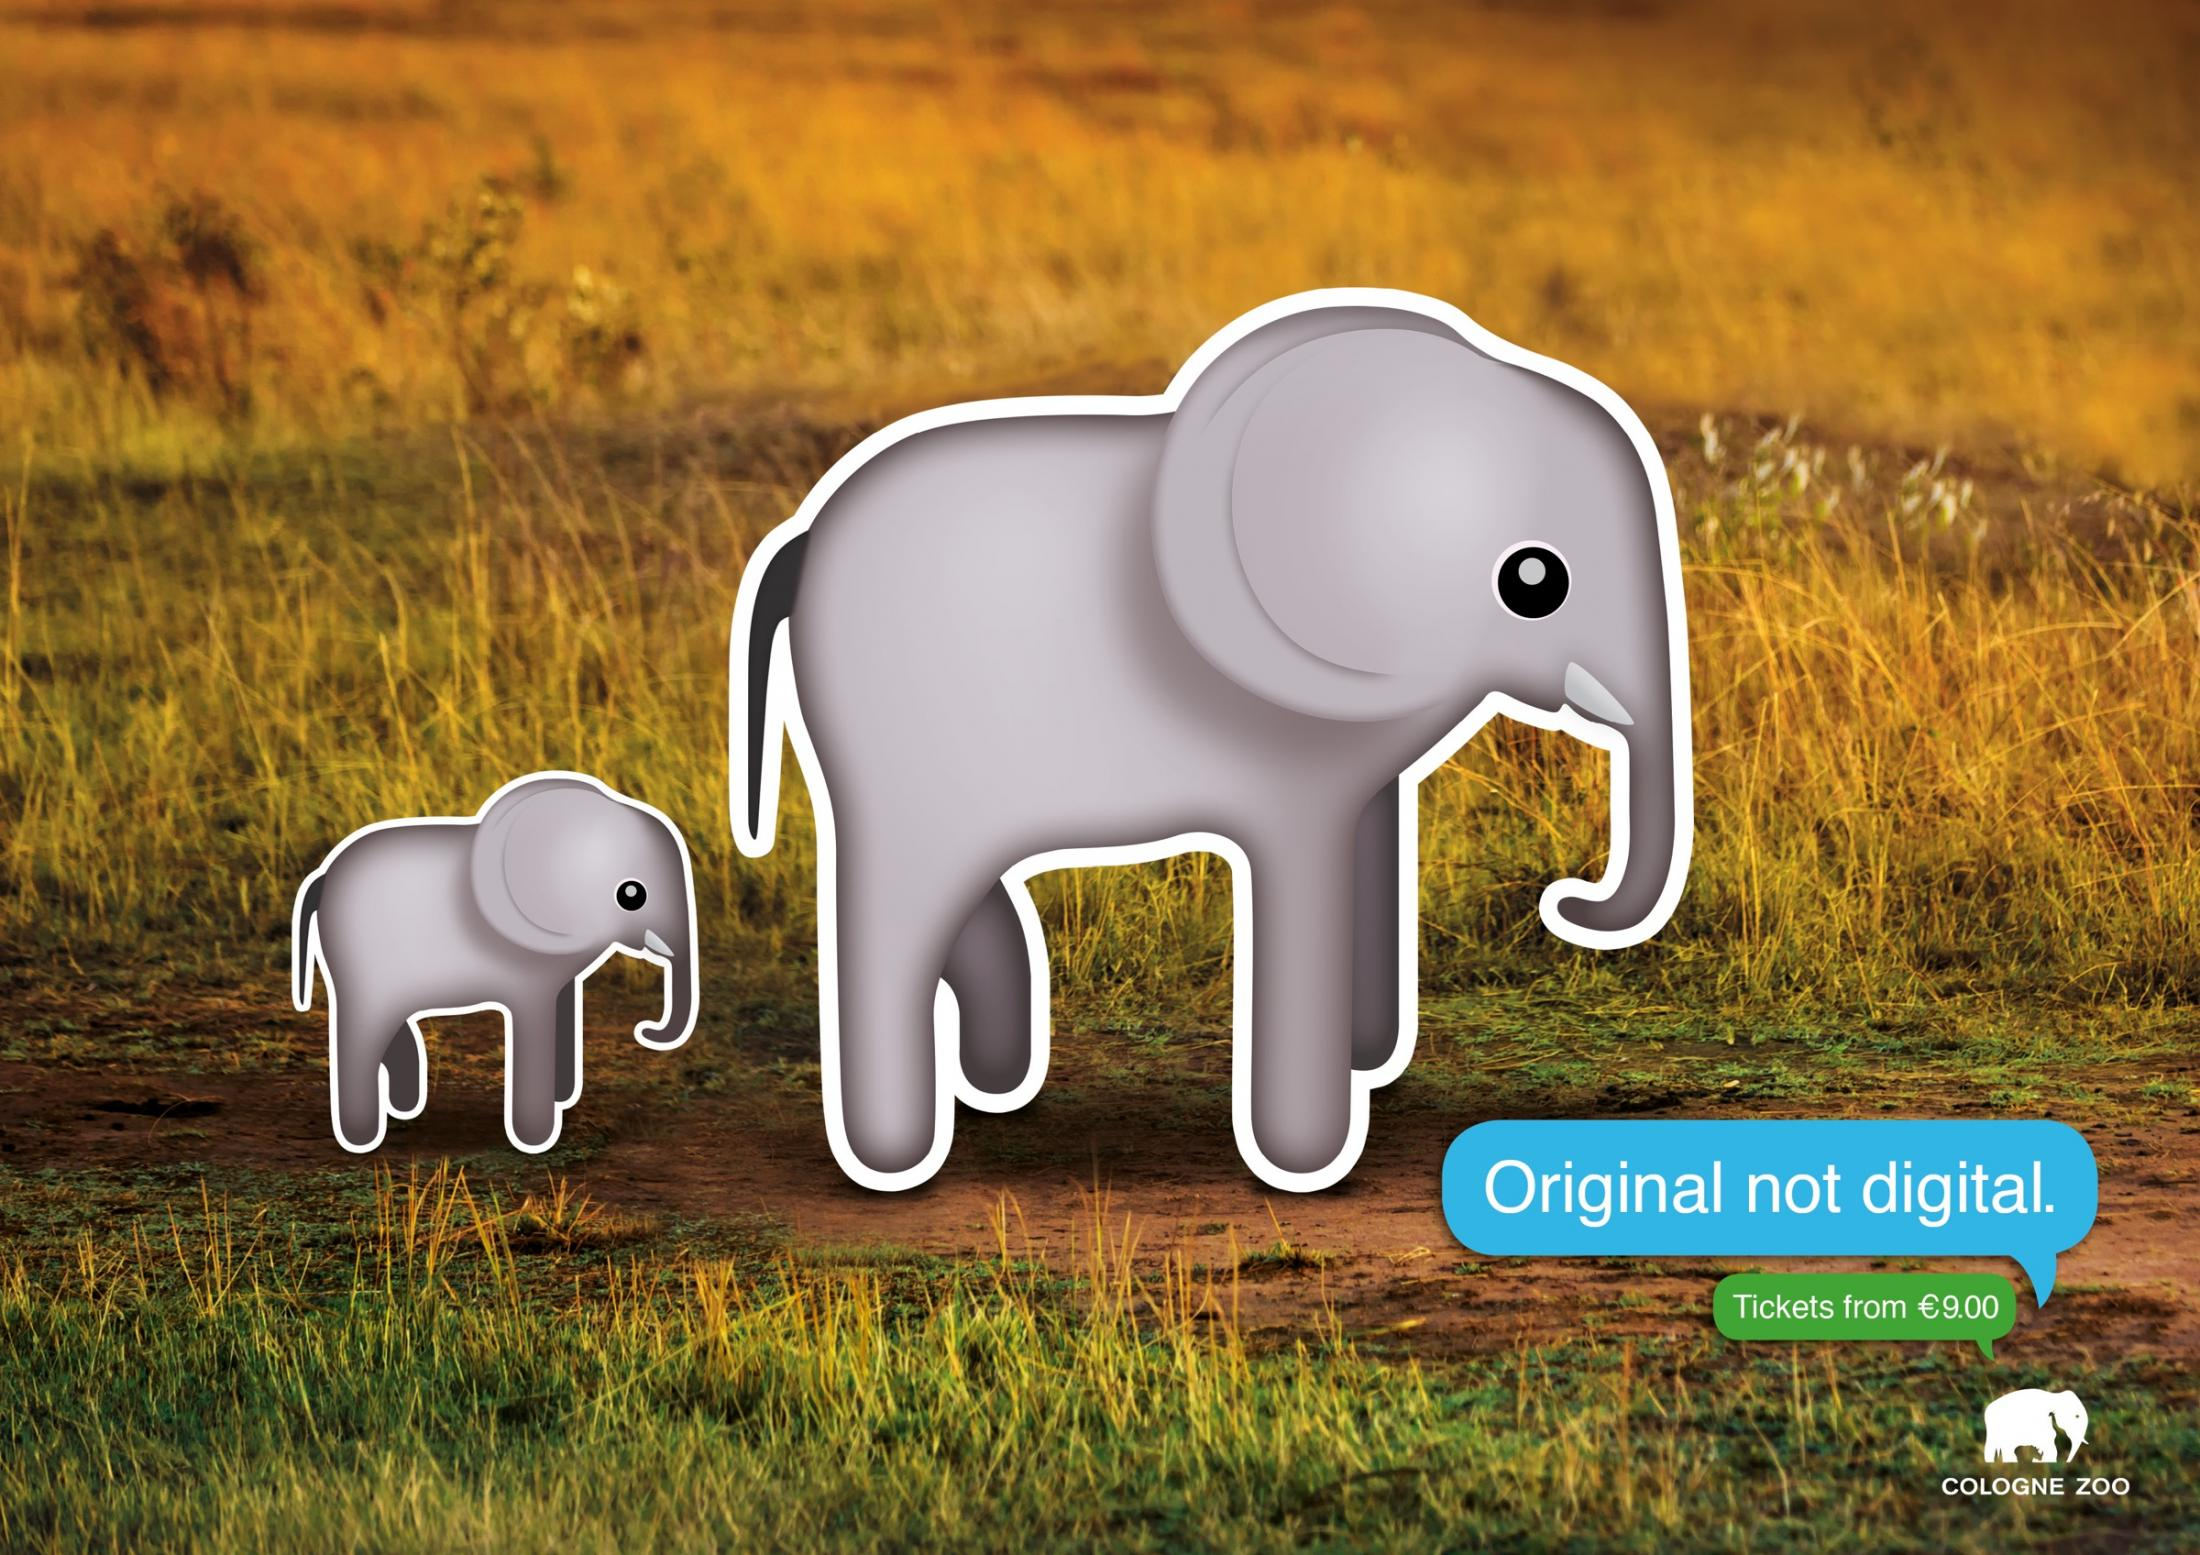 Cologne Zoo Print Ad - Elephants